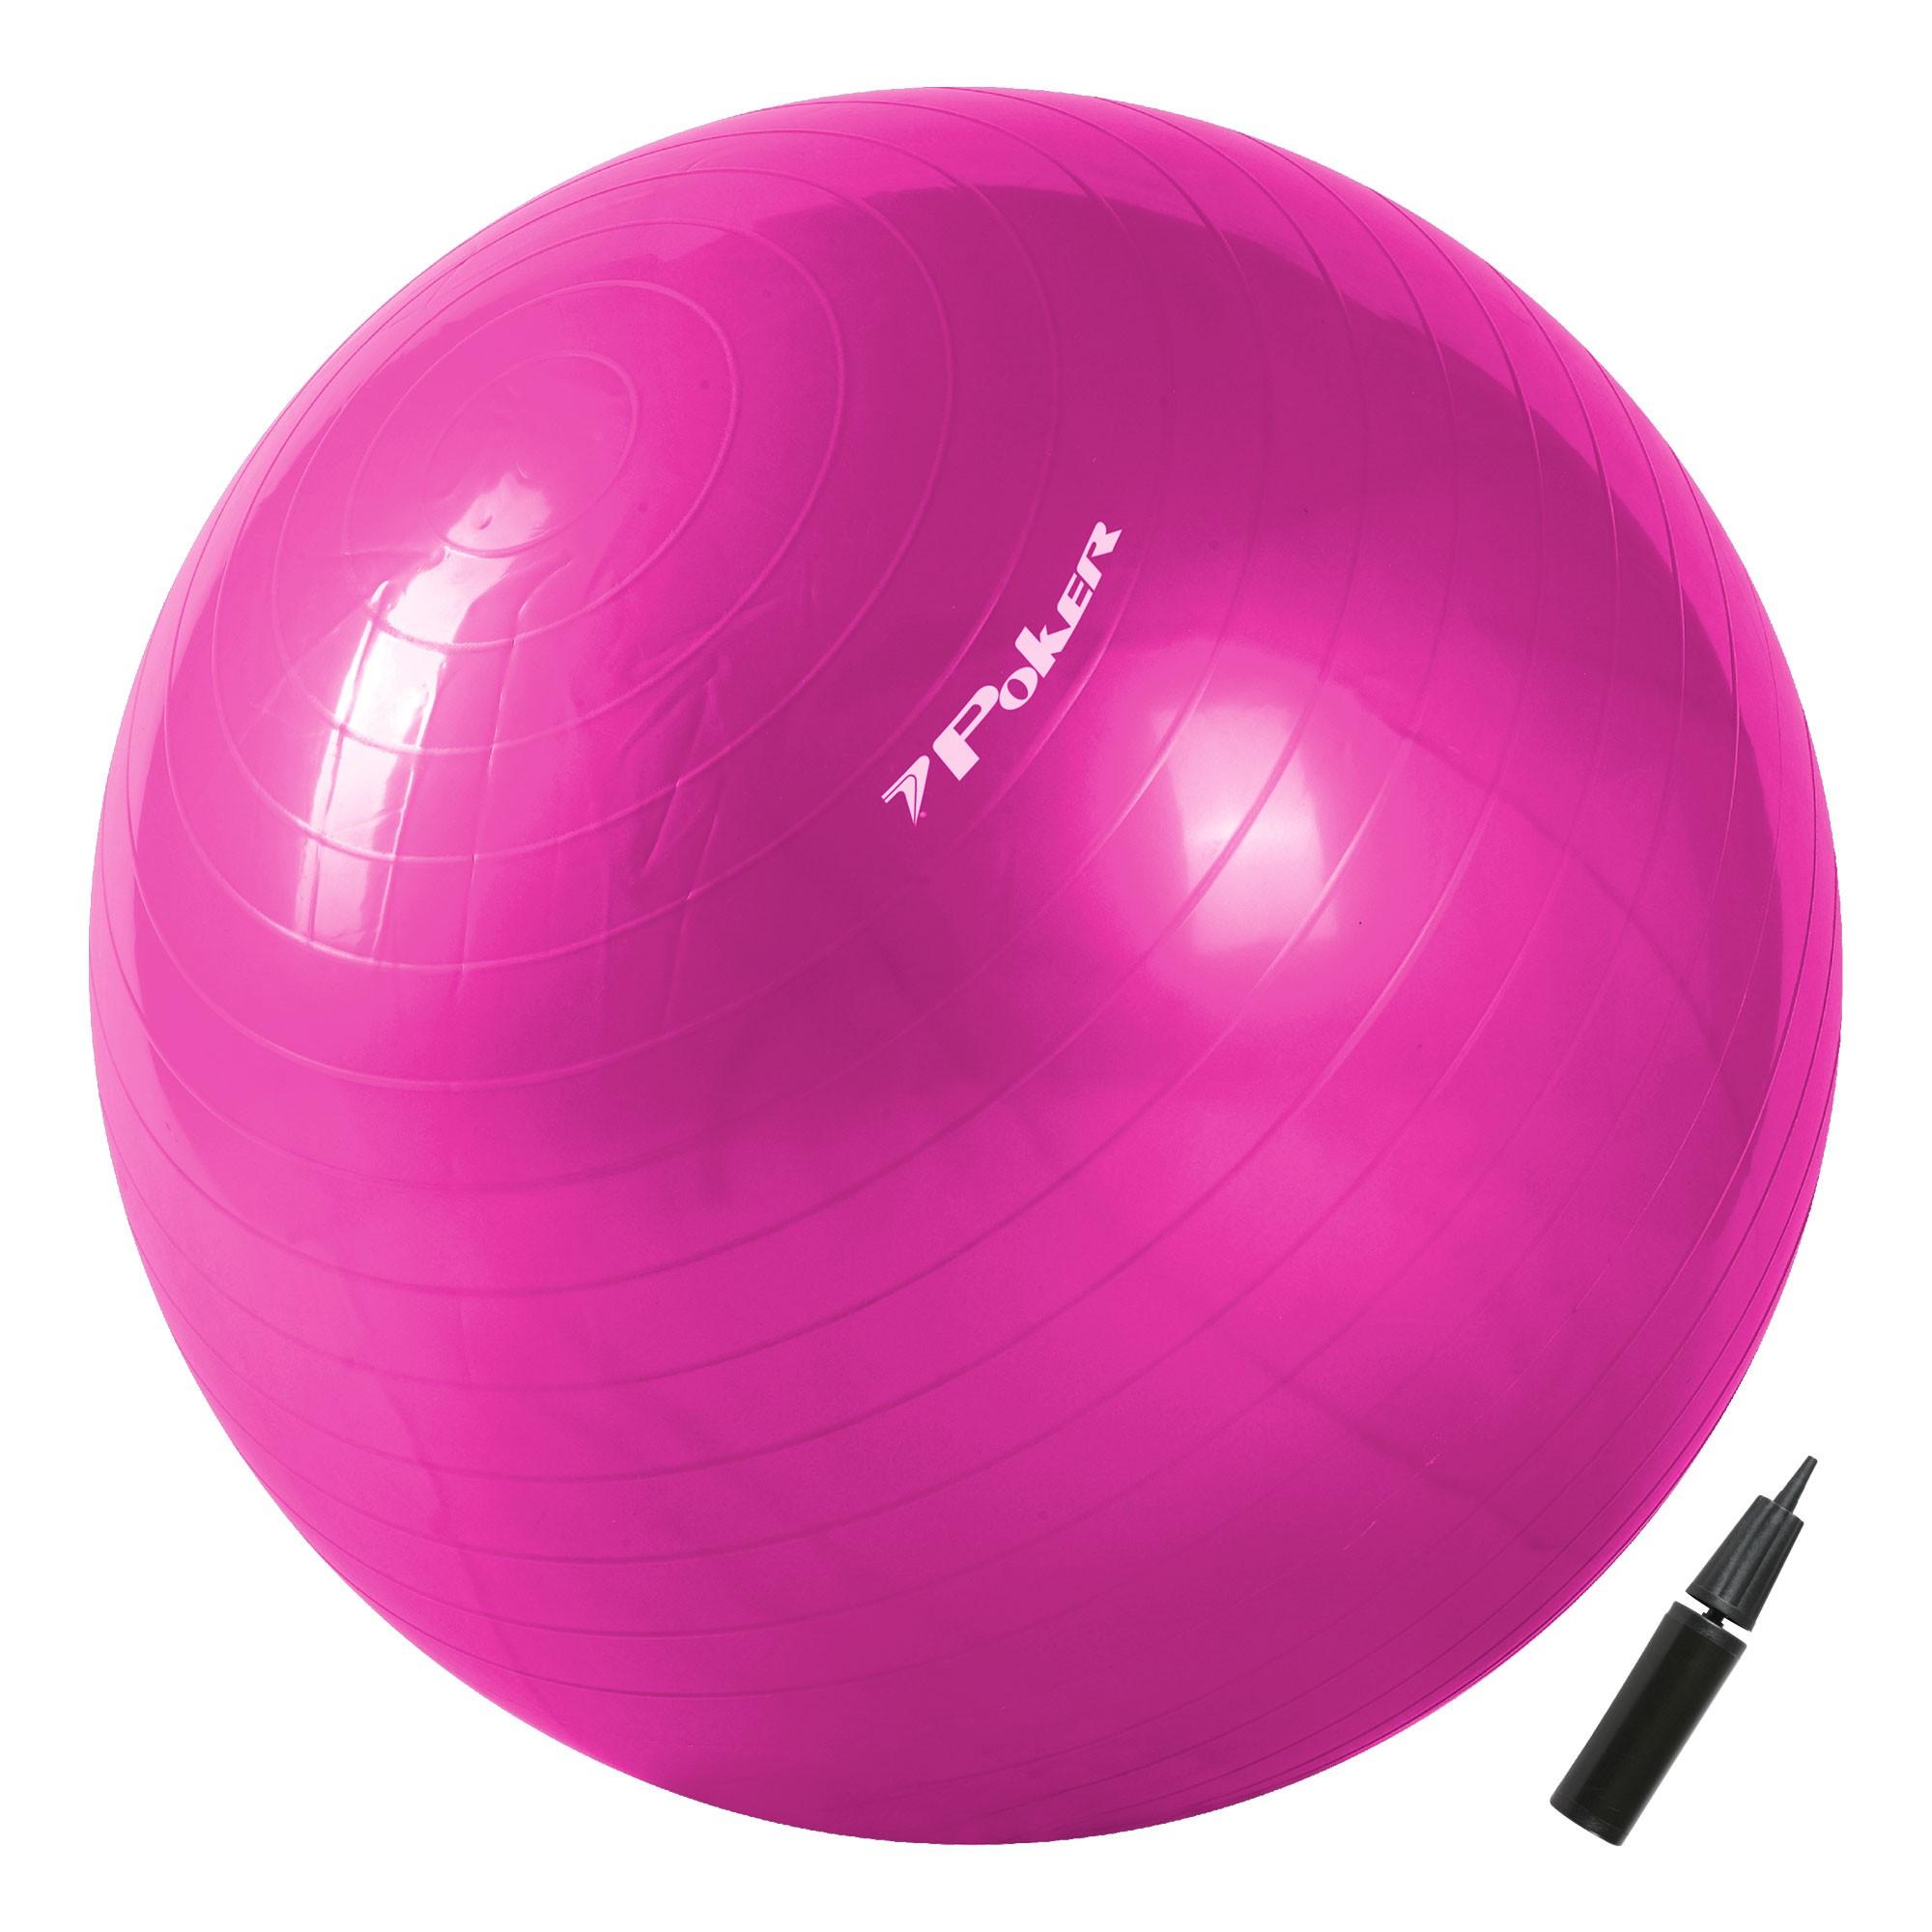 Bola de Pilates Suiça Gym Ball com Bomba de Ar - 65cm 09093